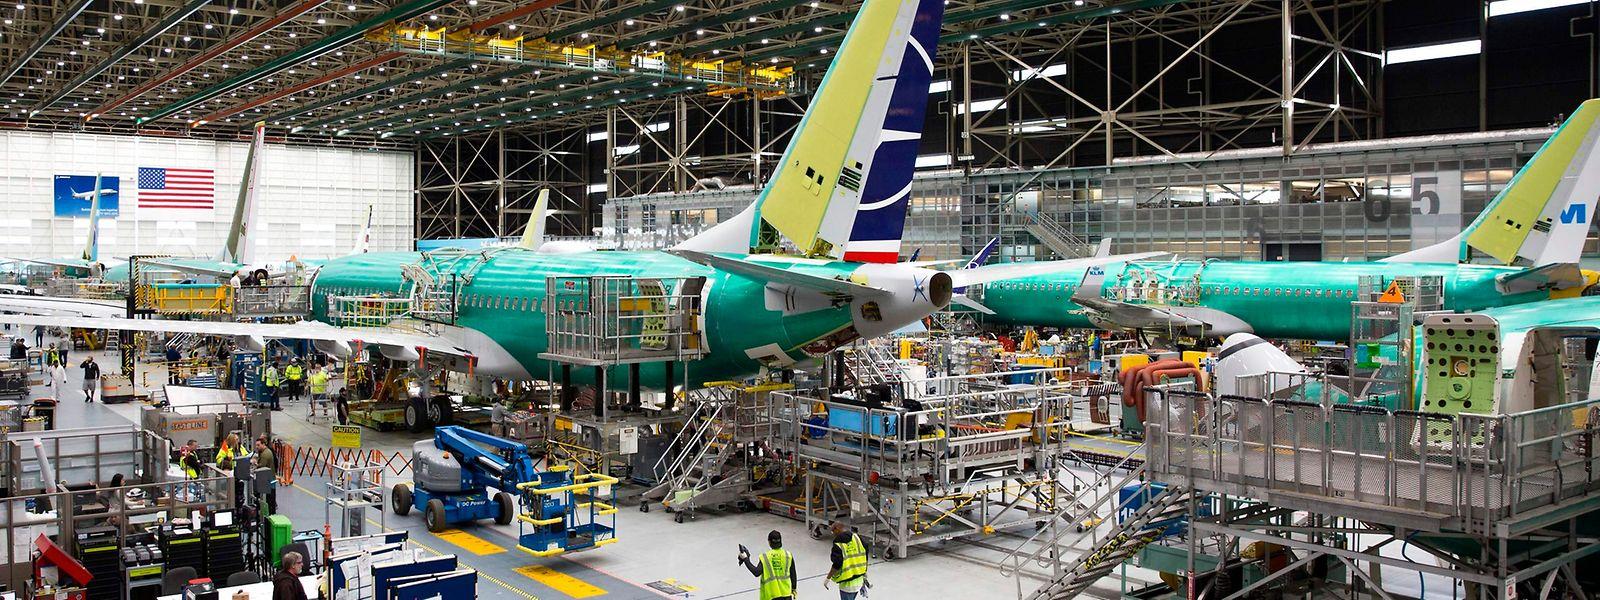 Blick in die Produktionshallen des 737 Max in den USA.